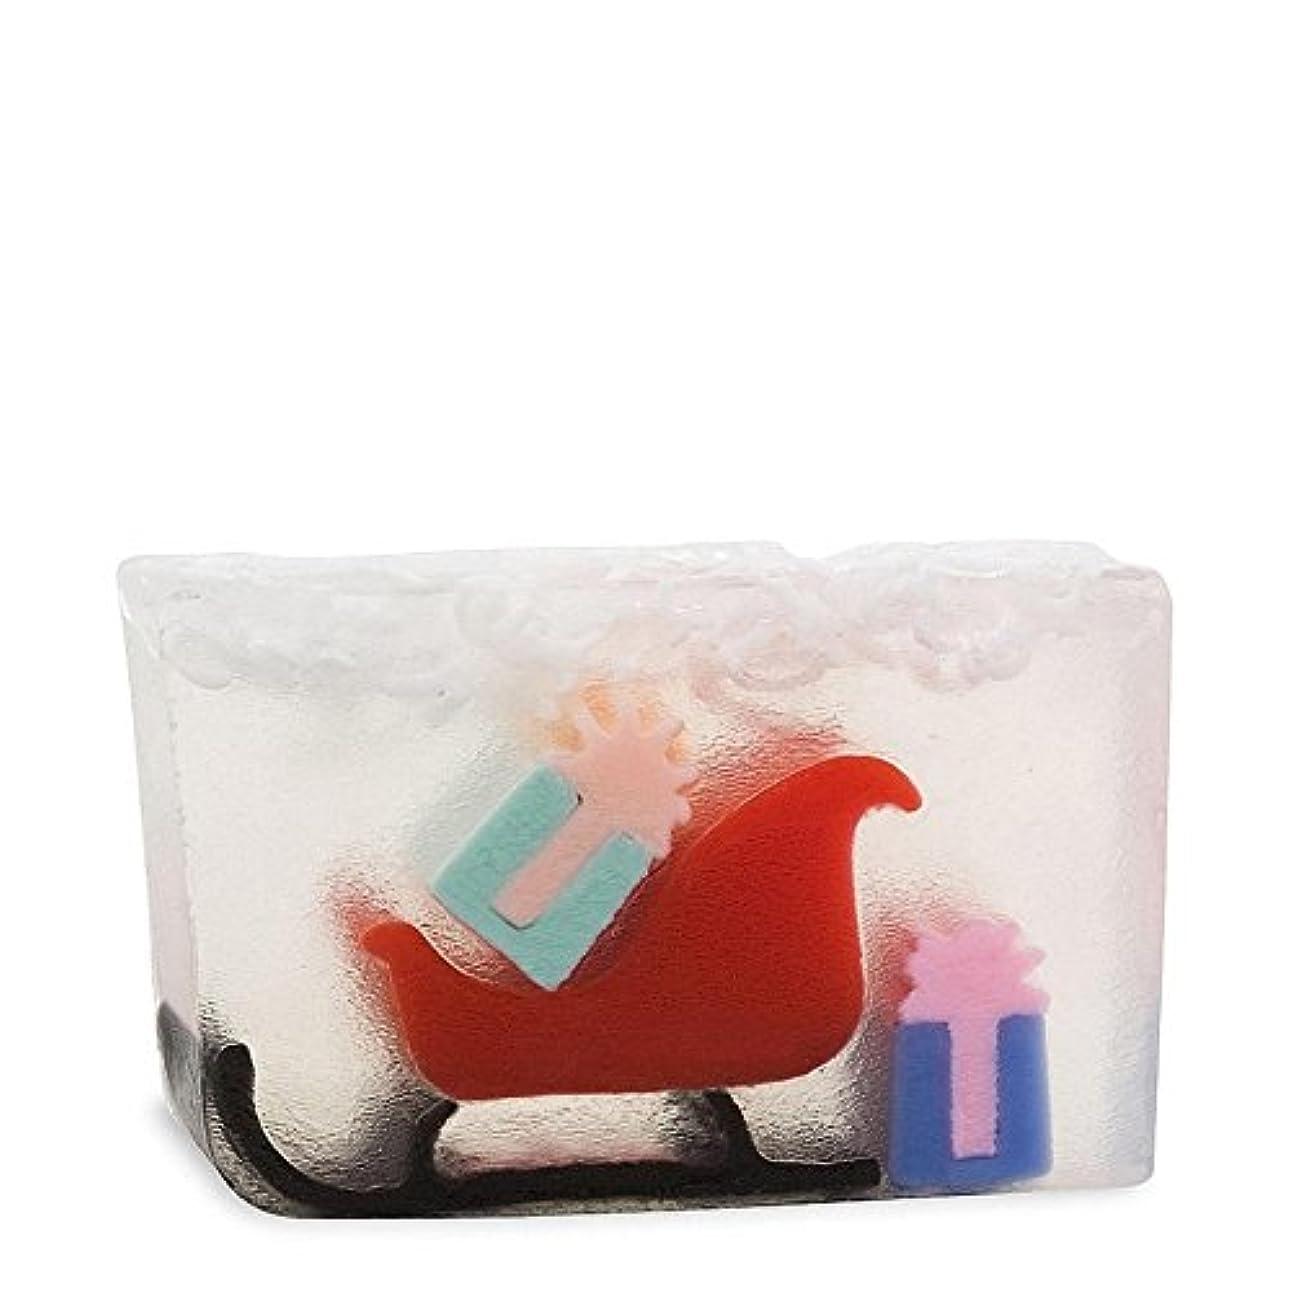 補正データフォーカスPrimal Elements Santas Sleigh (Pack of 6) - 原始要素のサンタのそり x6 [並行輸入品]